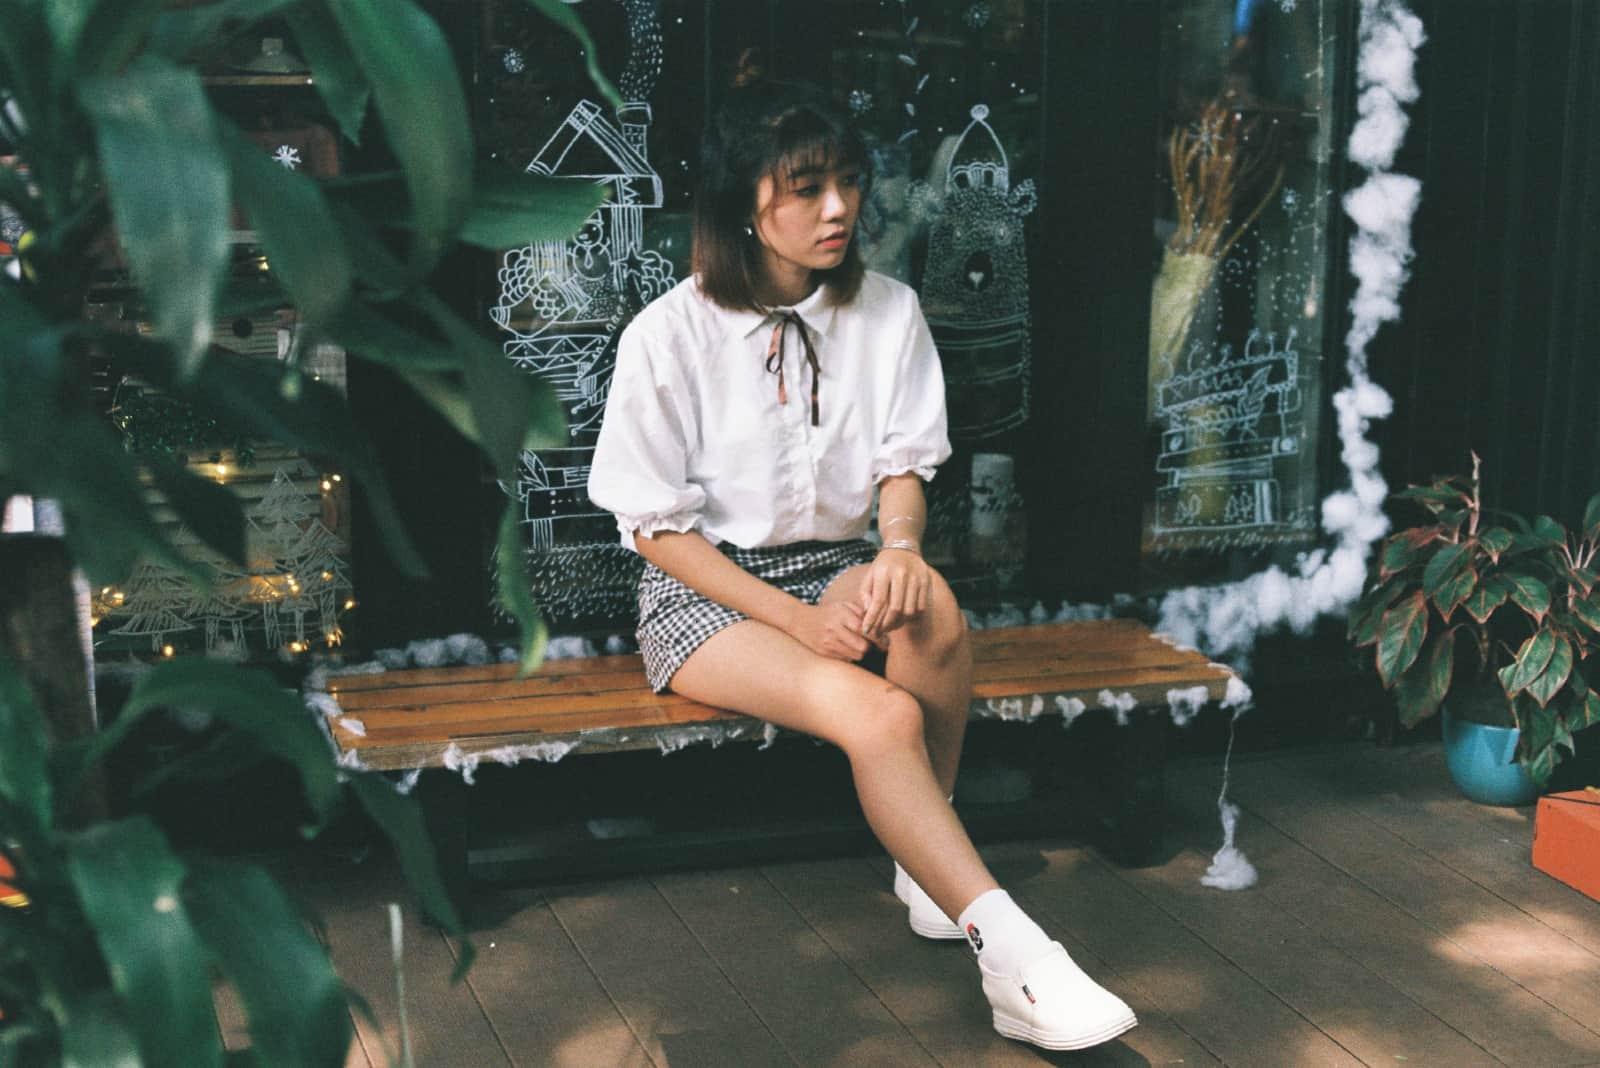 Femme pensive en chemisier blanc assis sur un banc